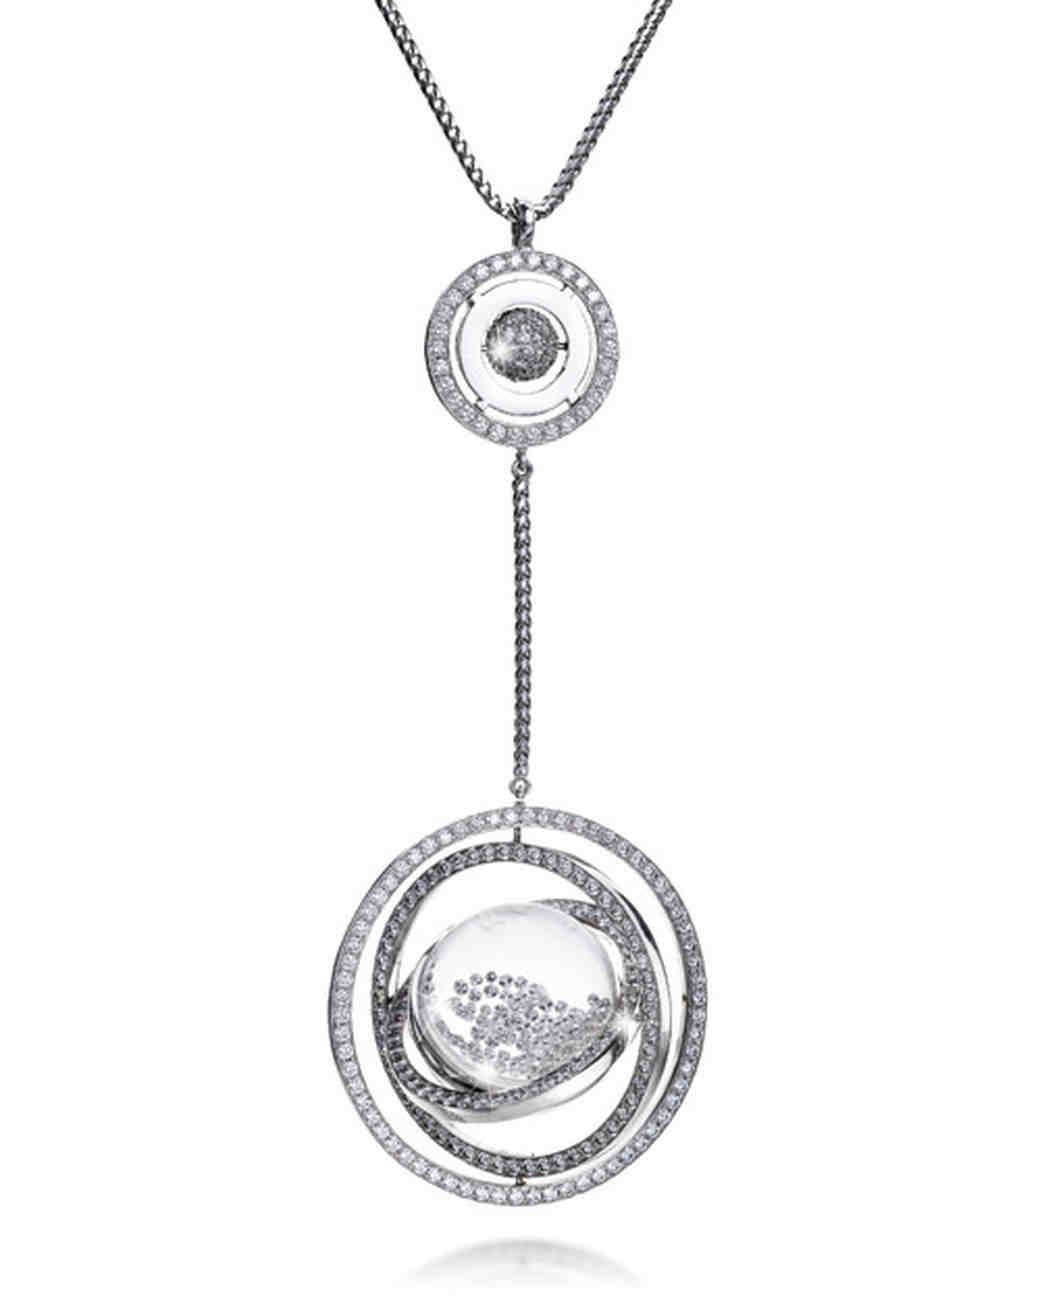 royal_asscher_soa_necklace_spirals.jpg